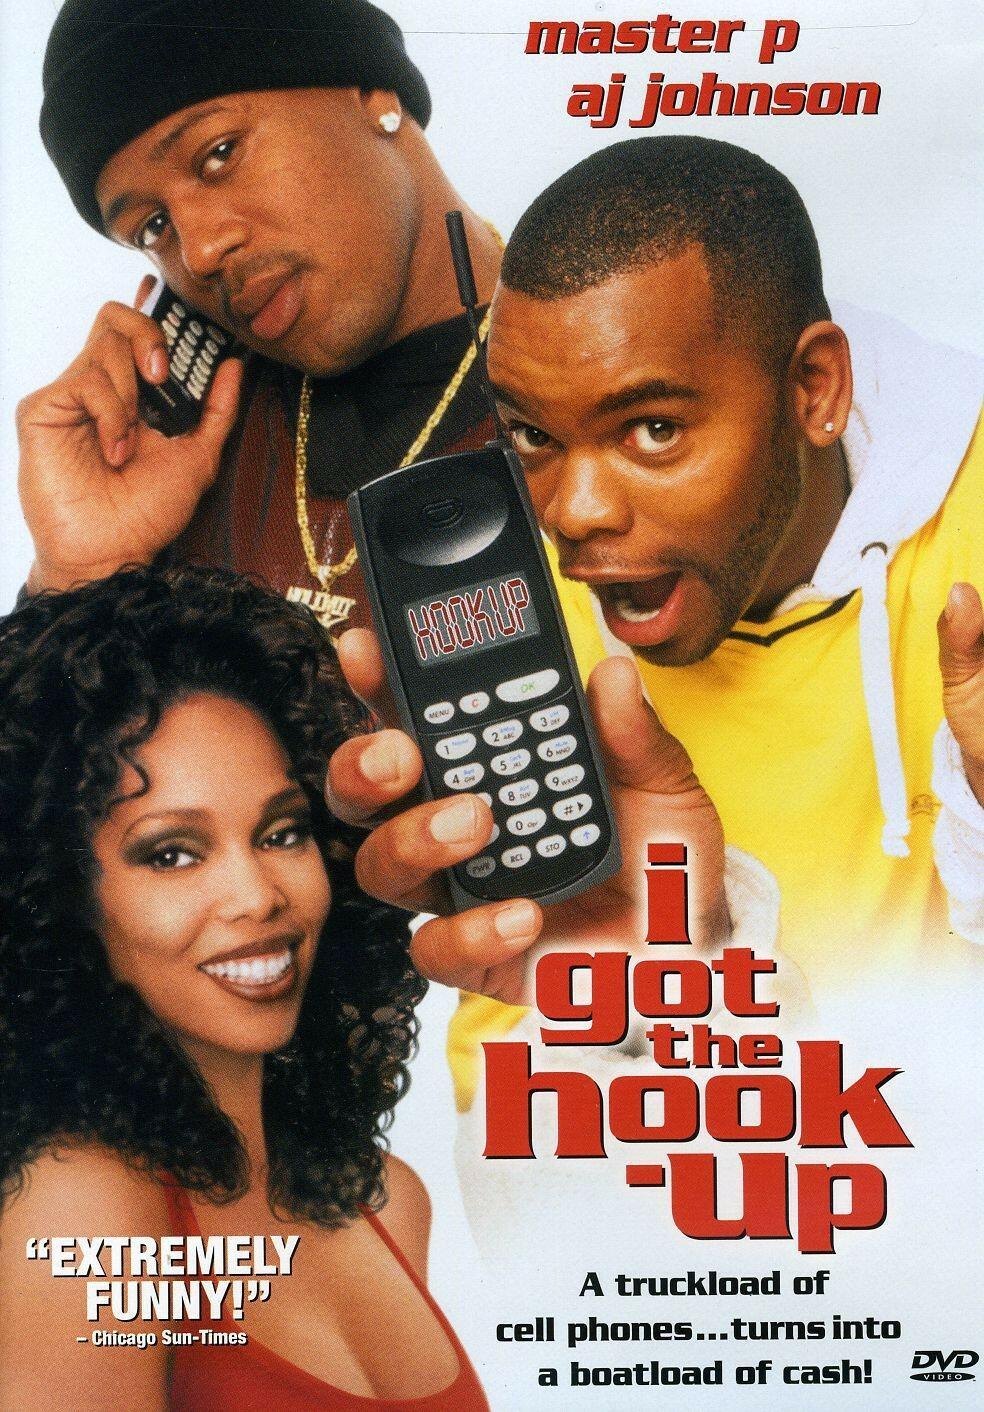 Sprechen am Telefon vor der Datierung